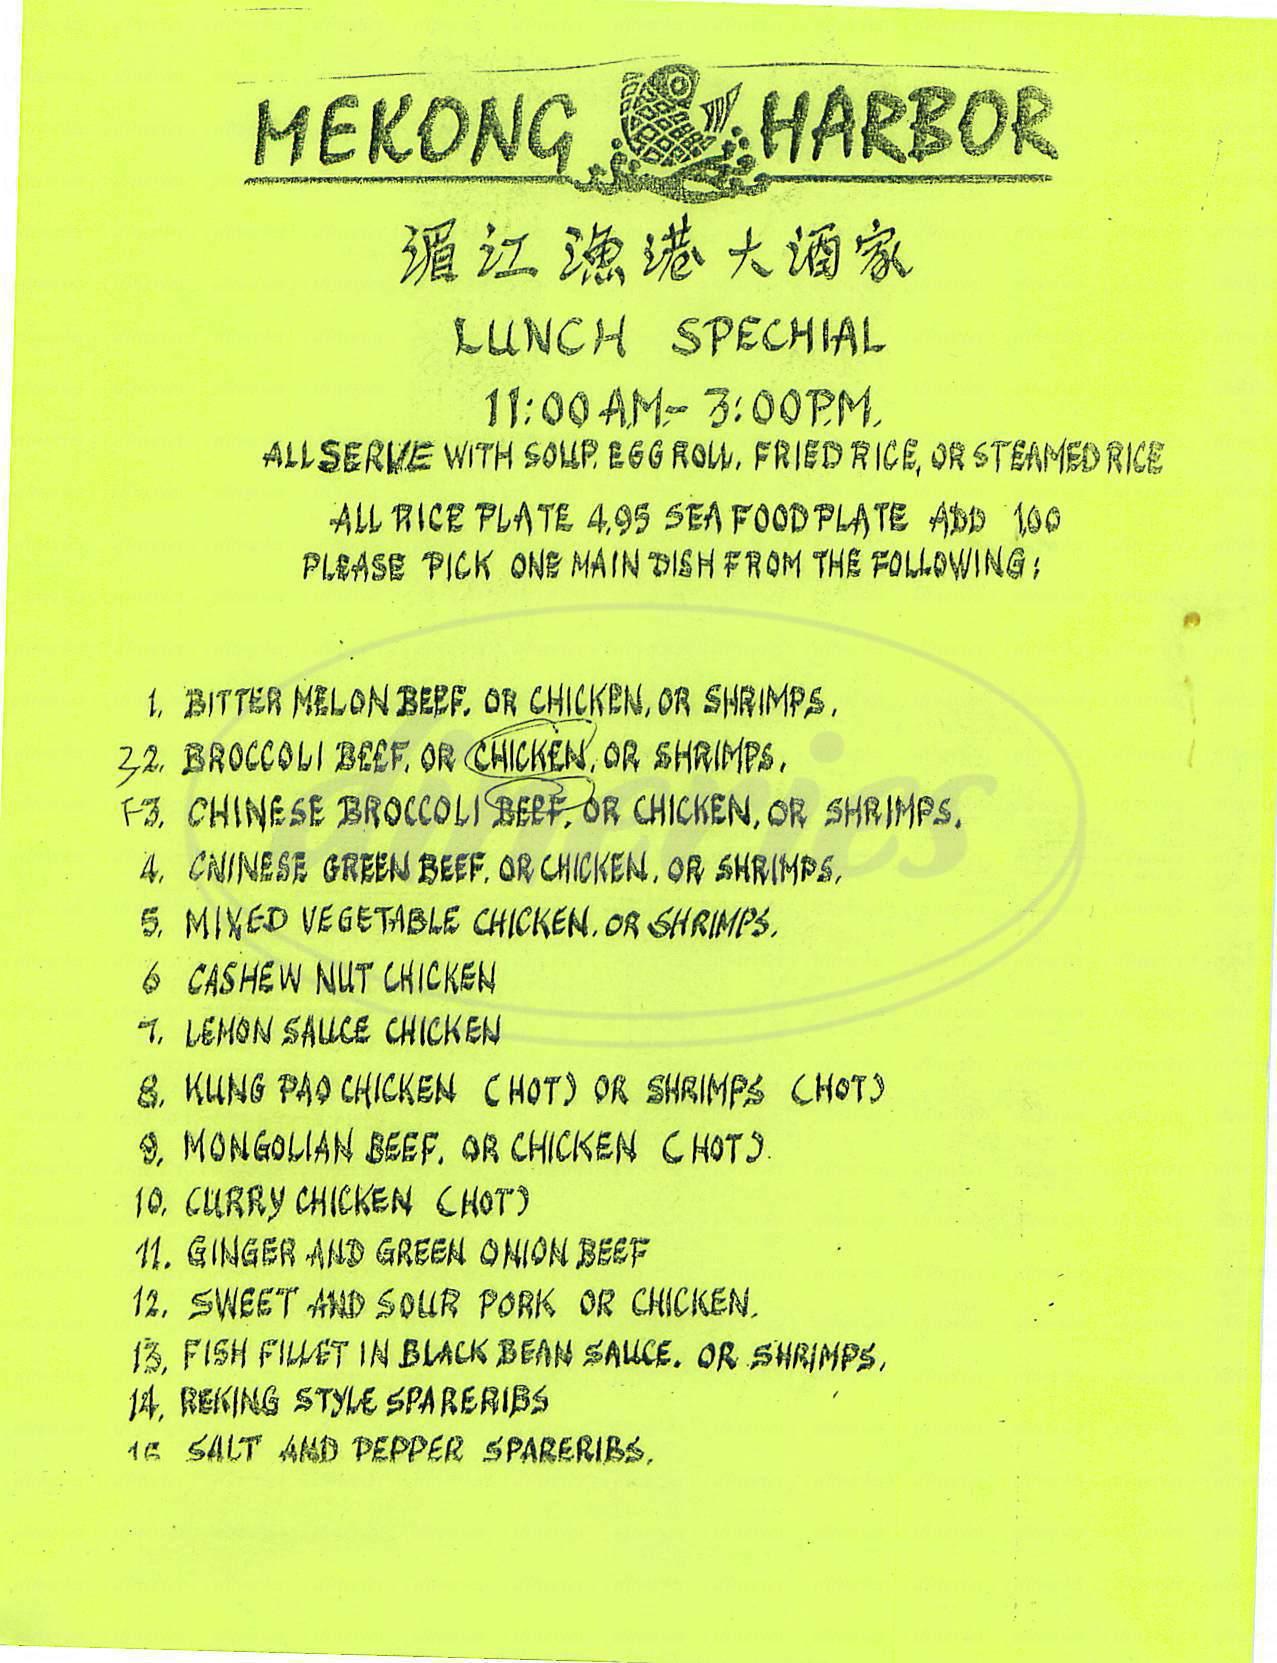 menu for Mekong Harbor